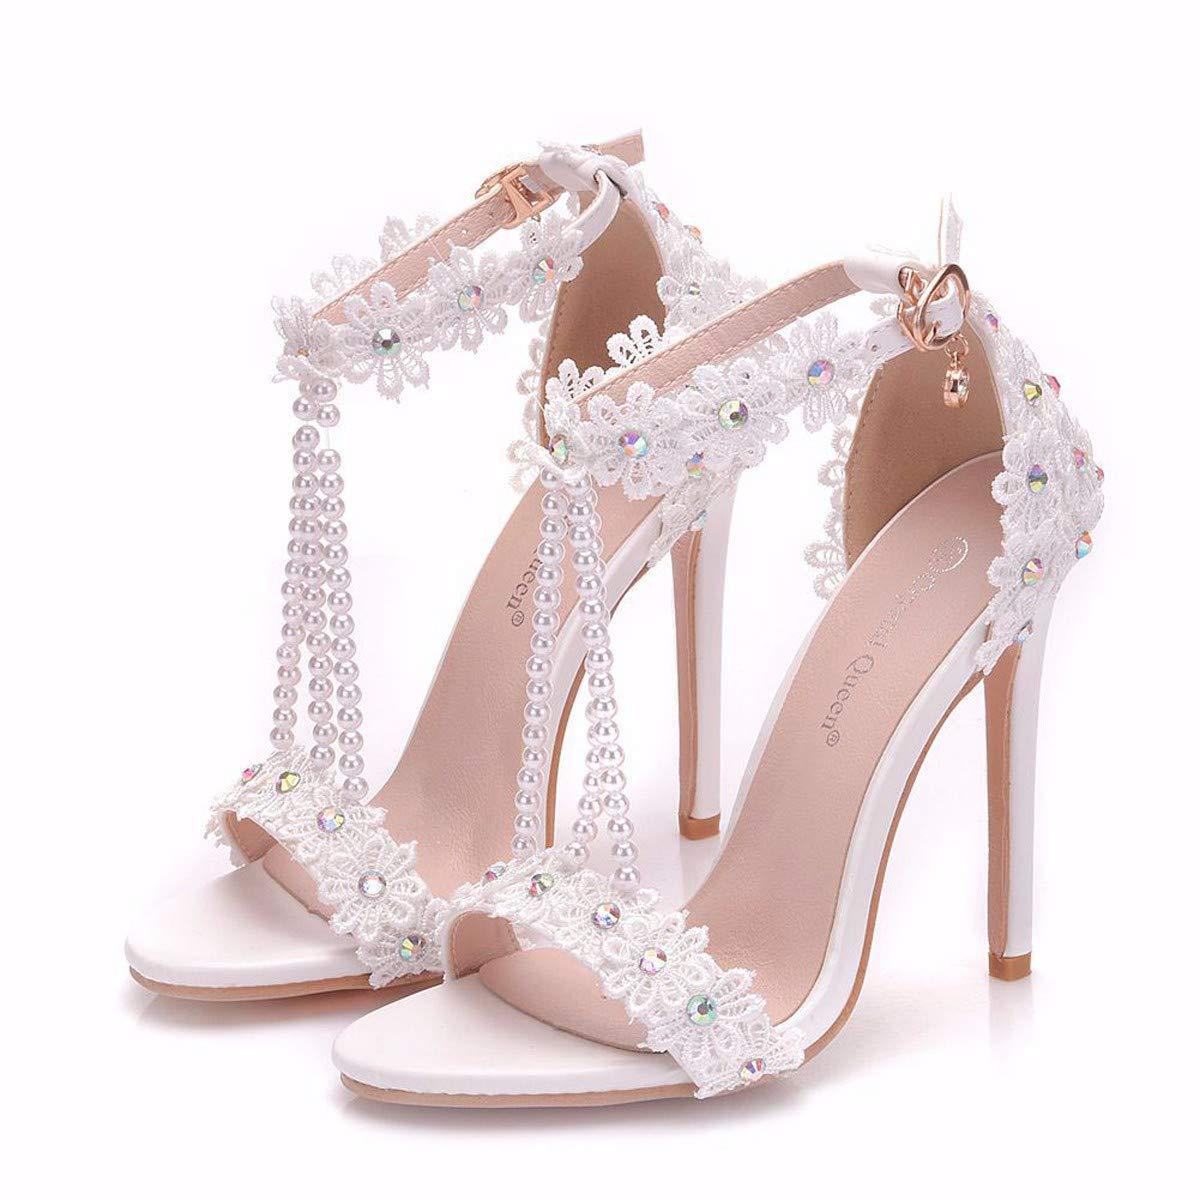 GTVERNH Damenschuhe Spitze Spitze Spitze Perlen Sandalen Braut - Schuhe Dünnen Absätzen Fisch Münder Hohe Schuhe Sandalen Sandalen Blaumen. ababc9